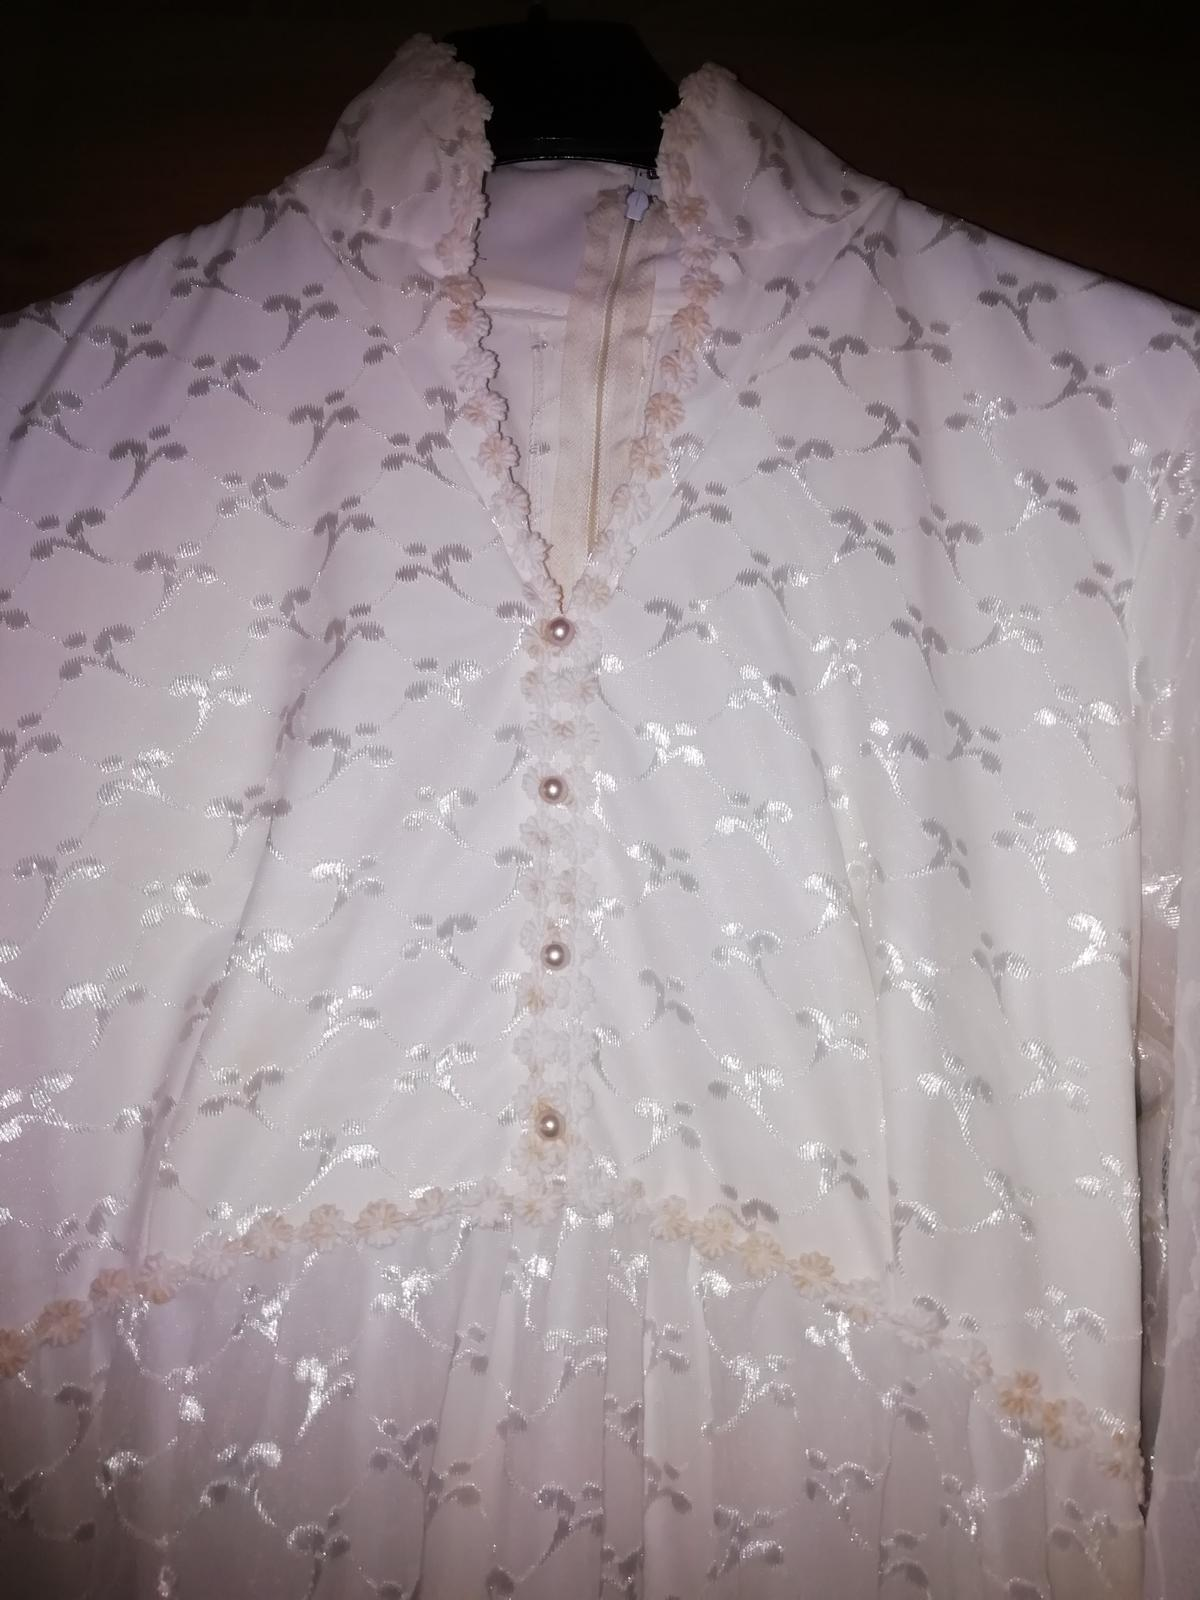 Staré, svadobné šaty. - Obrázok č. 3